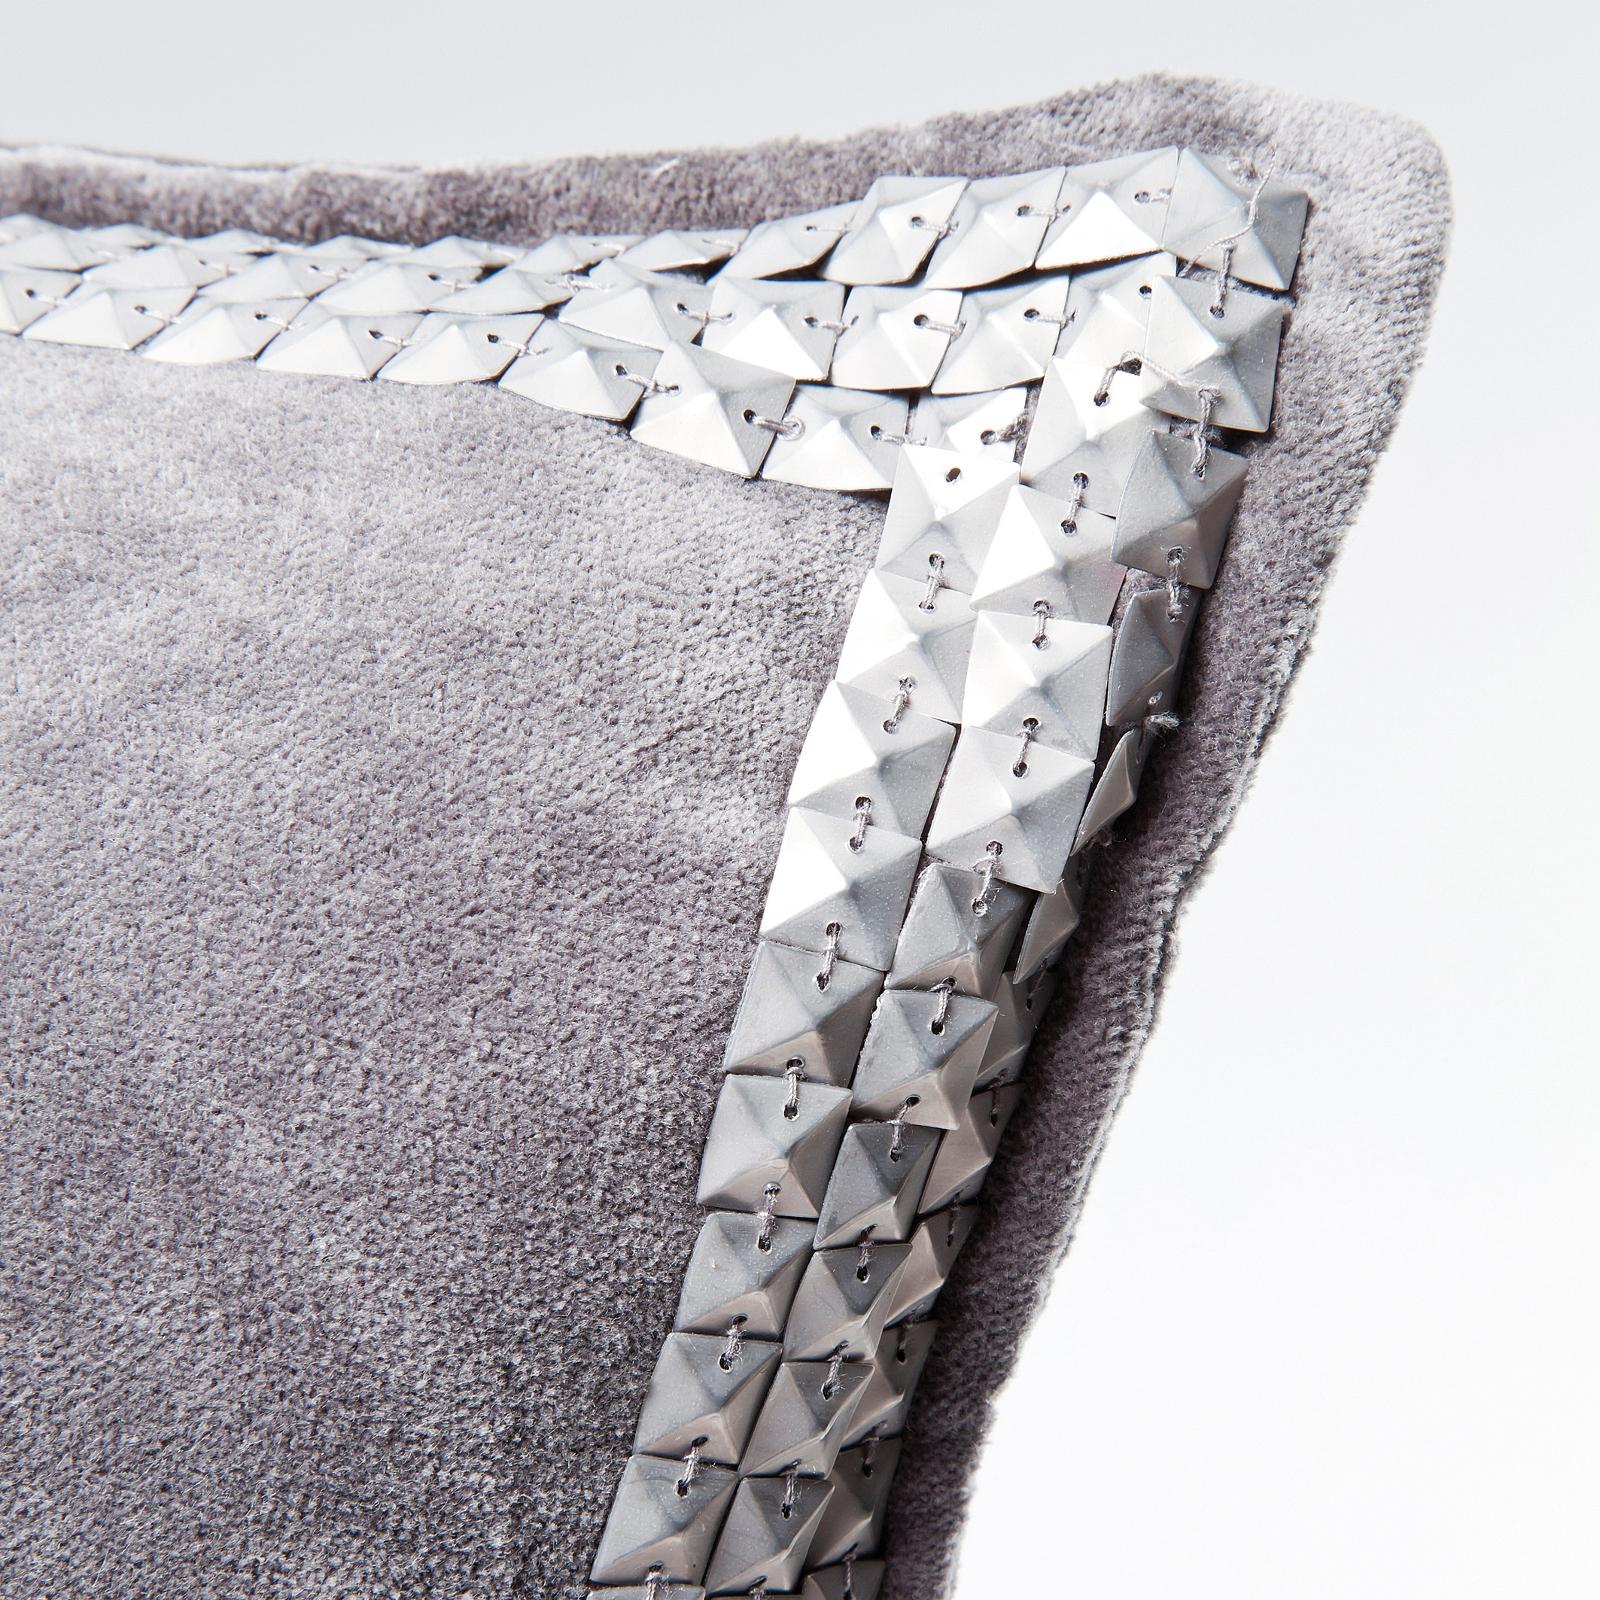 glamour kissen mit pailletten 45 x 45 cm zierkissen grau eur 10 00 picclick de. Black Bedroom Furniture Sets. Home Design Ideas